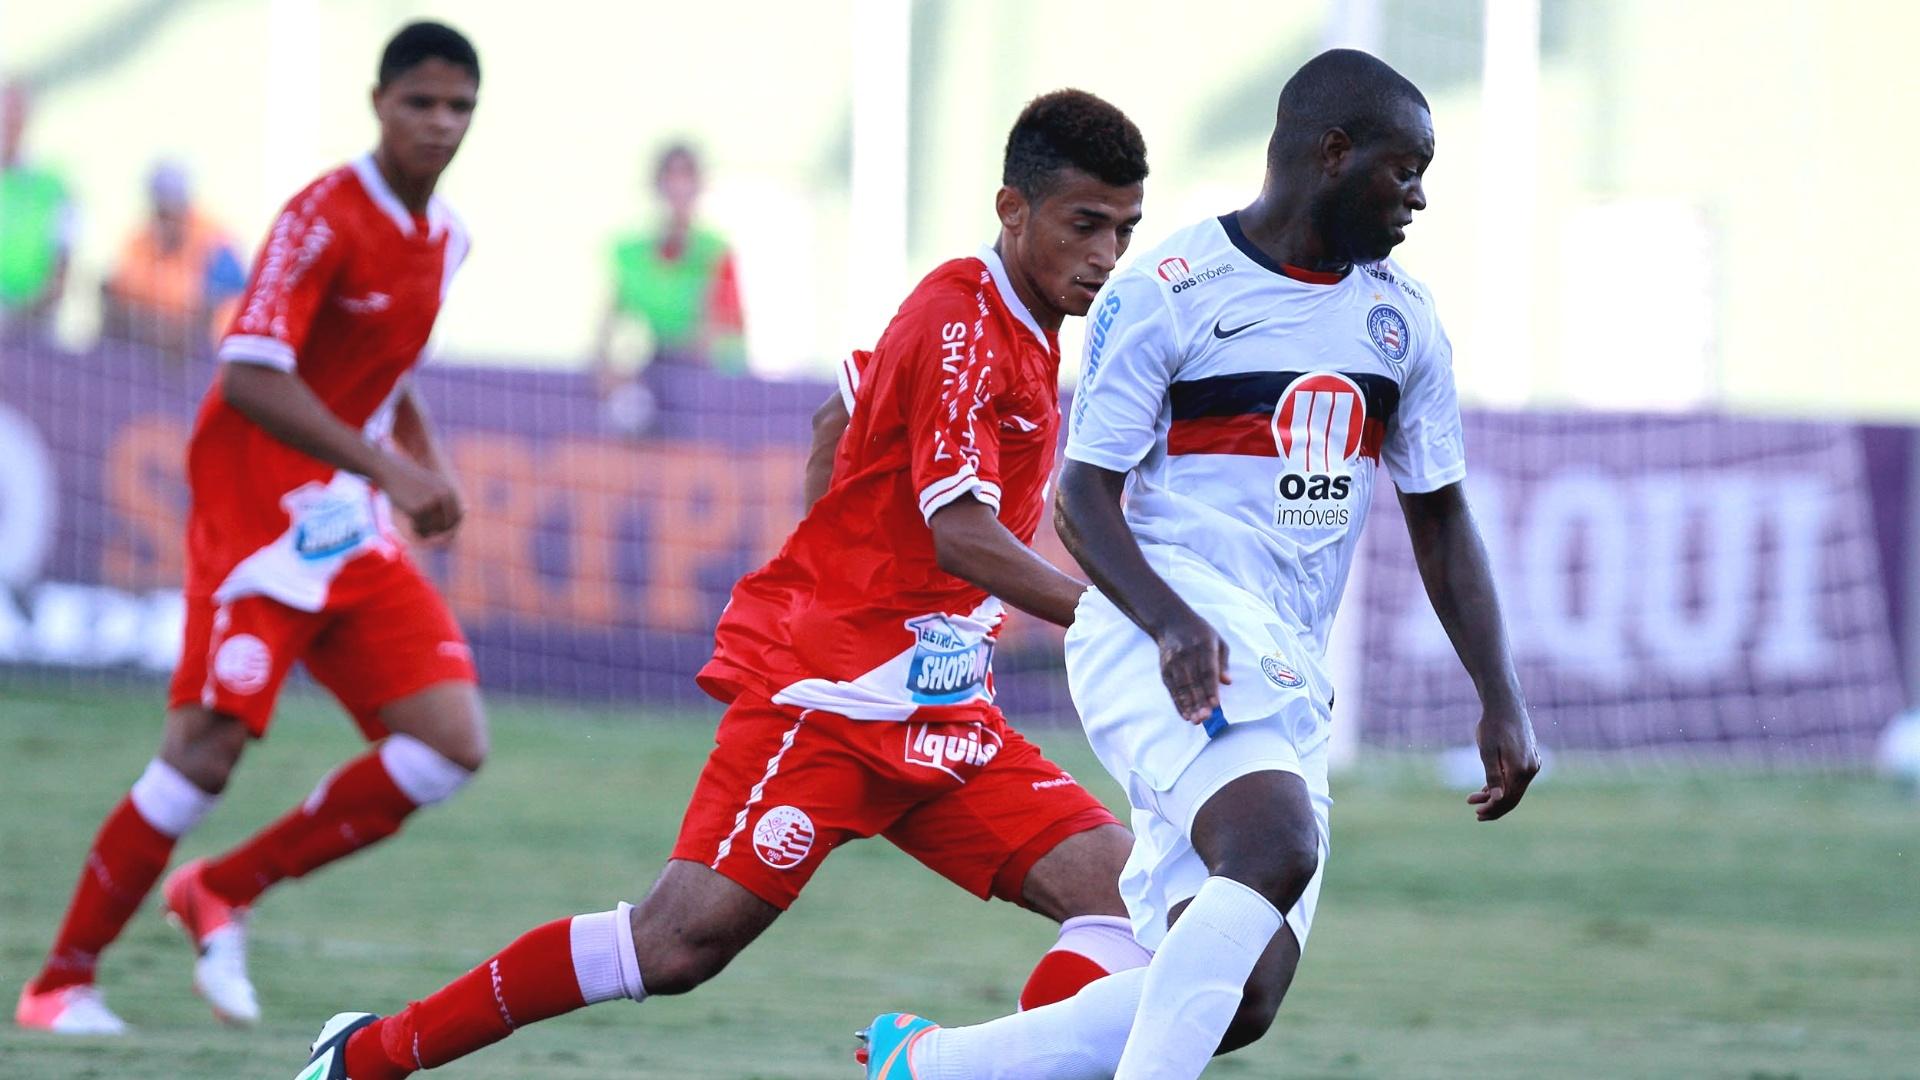 Zé Roberto, do Bahia, disputa lance com jogadores do Náutico na rodada do Brasileirão